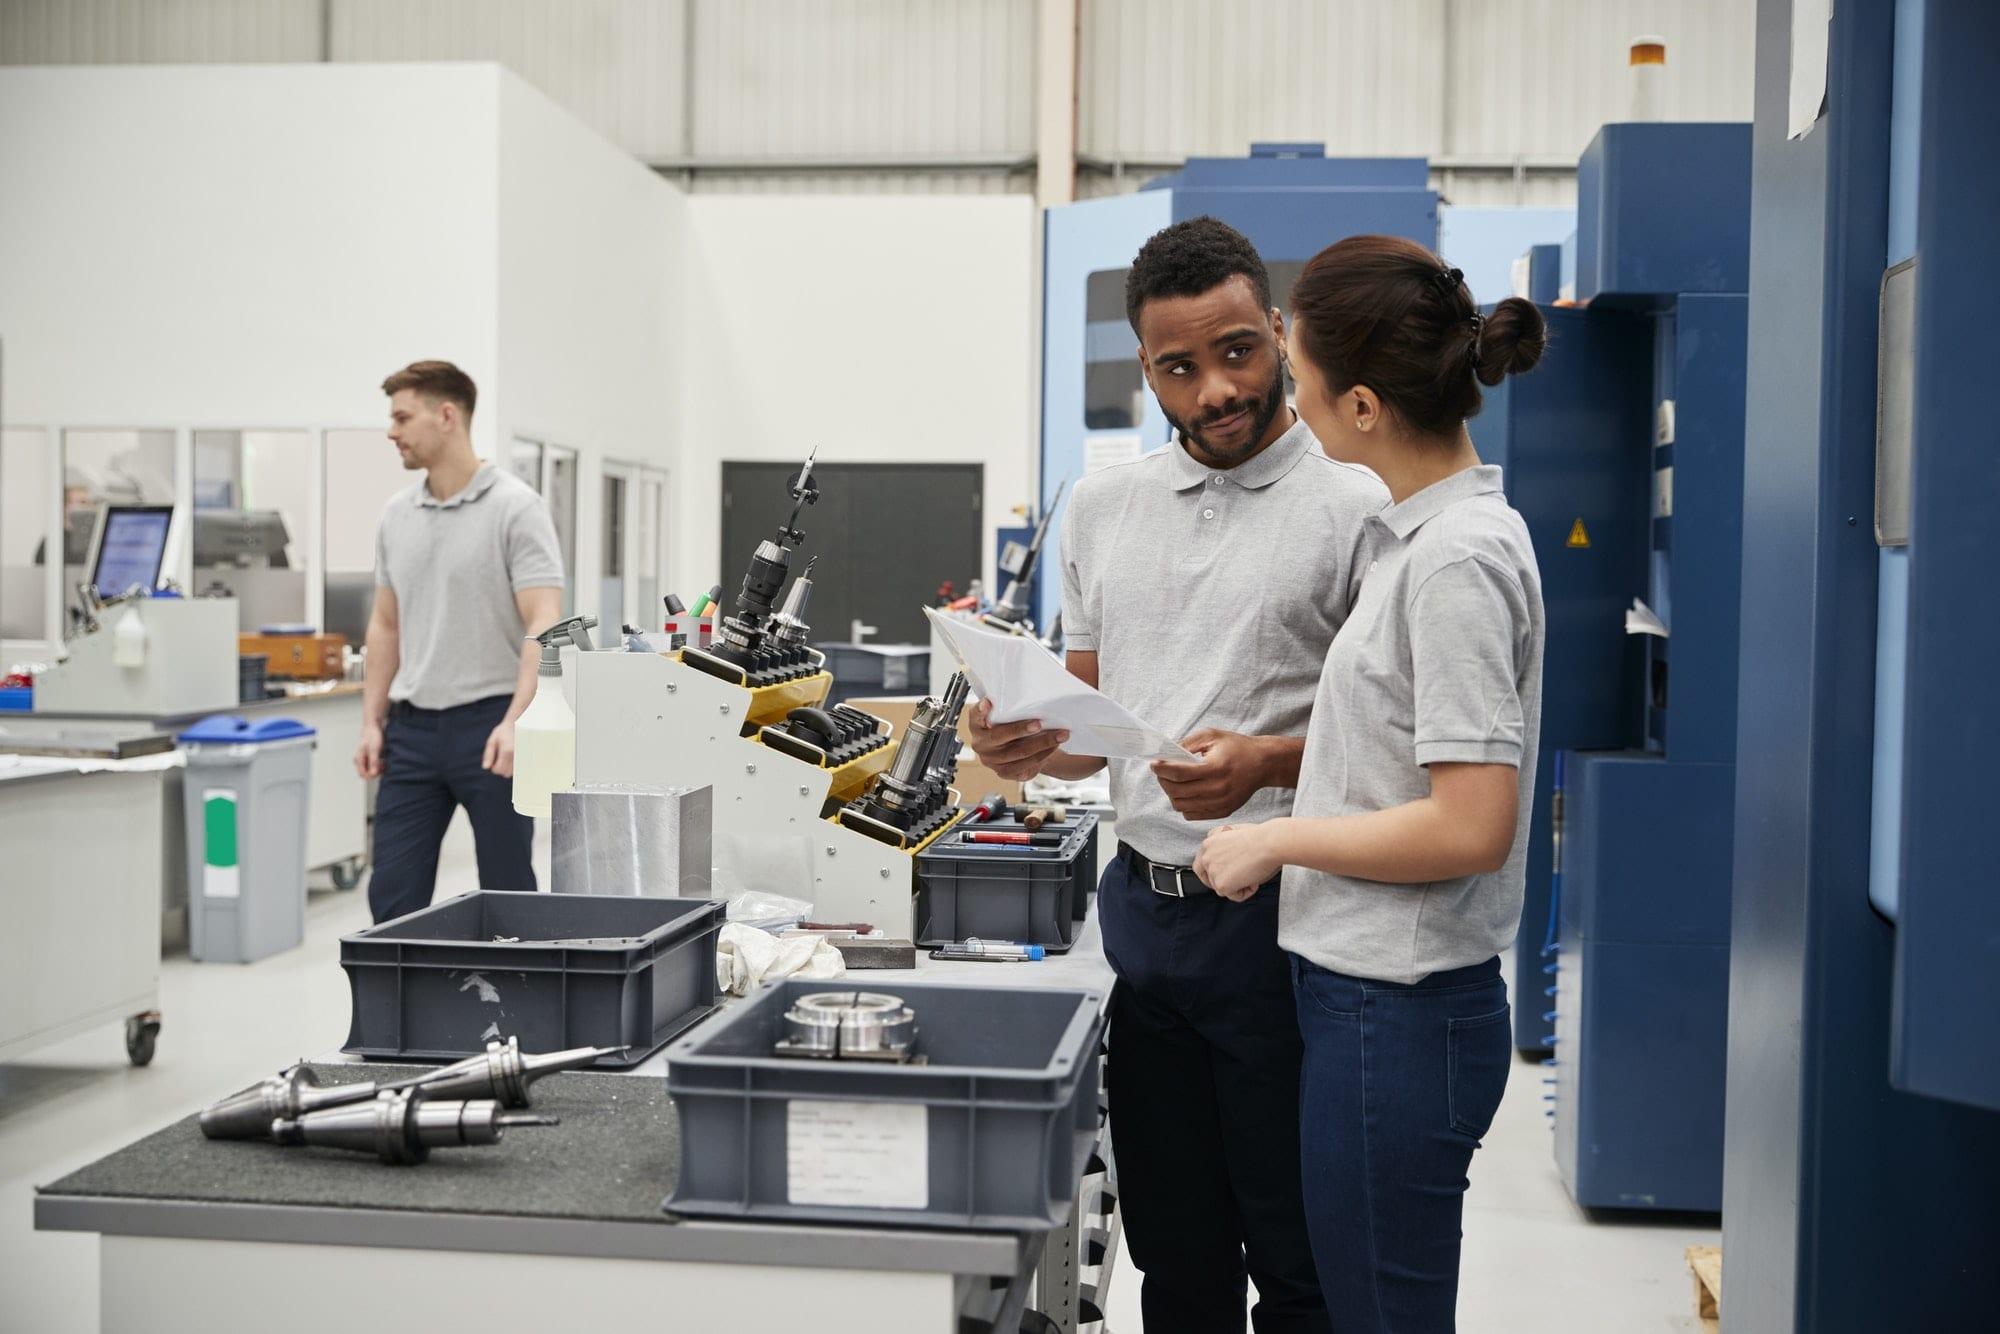 Engineer And Apprentice Meet On Floor Of Engineering Workshop